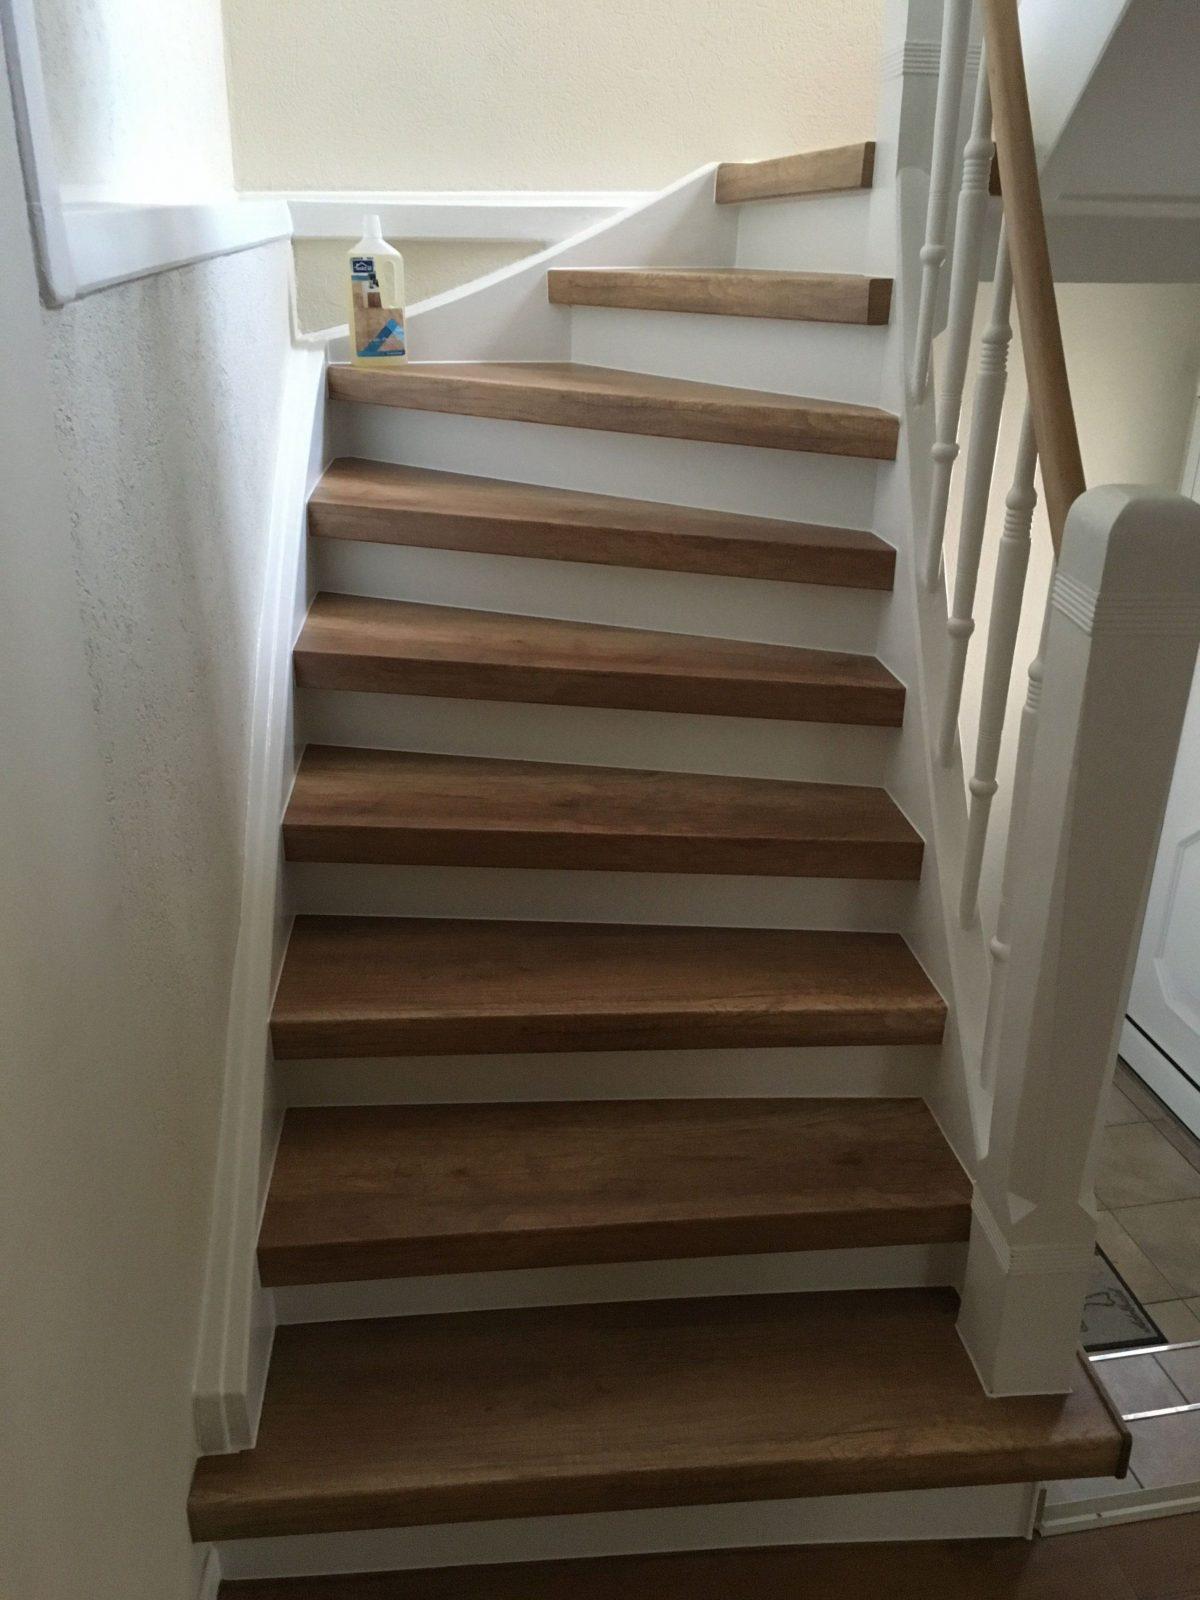 treppenhaus renovieren 63 ideen zum neuen streichen von altes treppenhaus neu gestalten photo. Black Bedroom Furniture Sets. Home Design Ideas